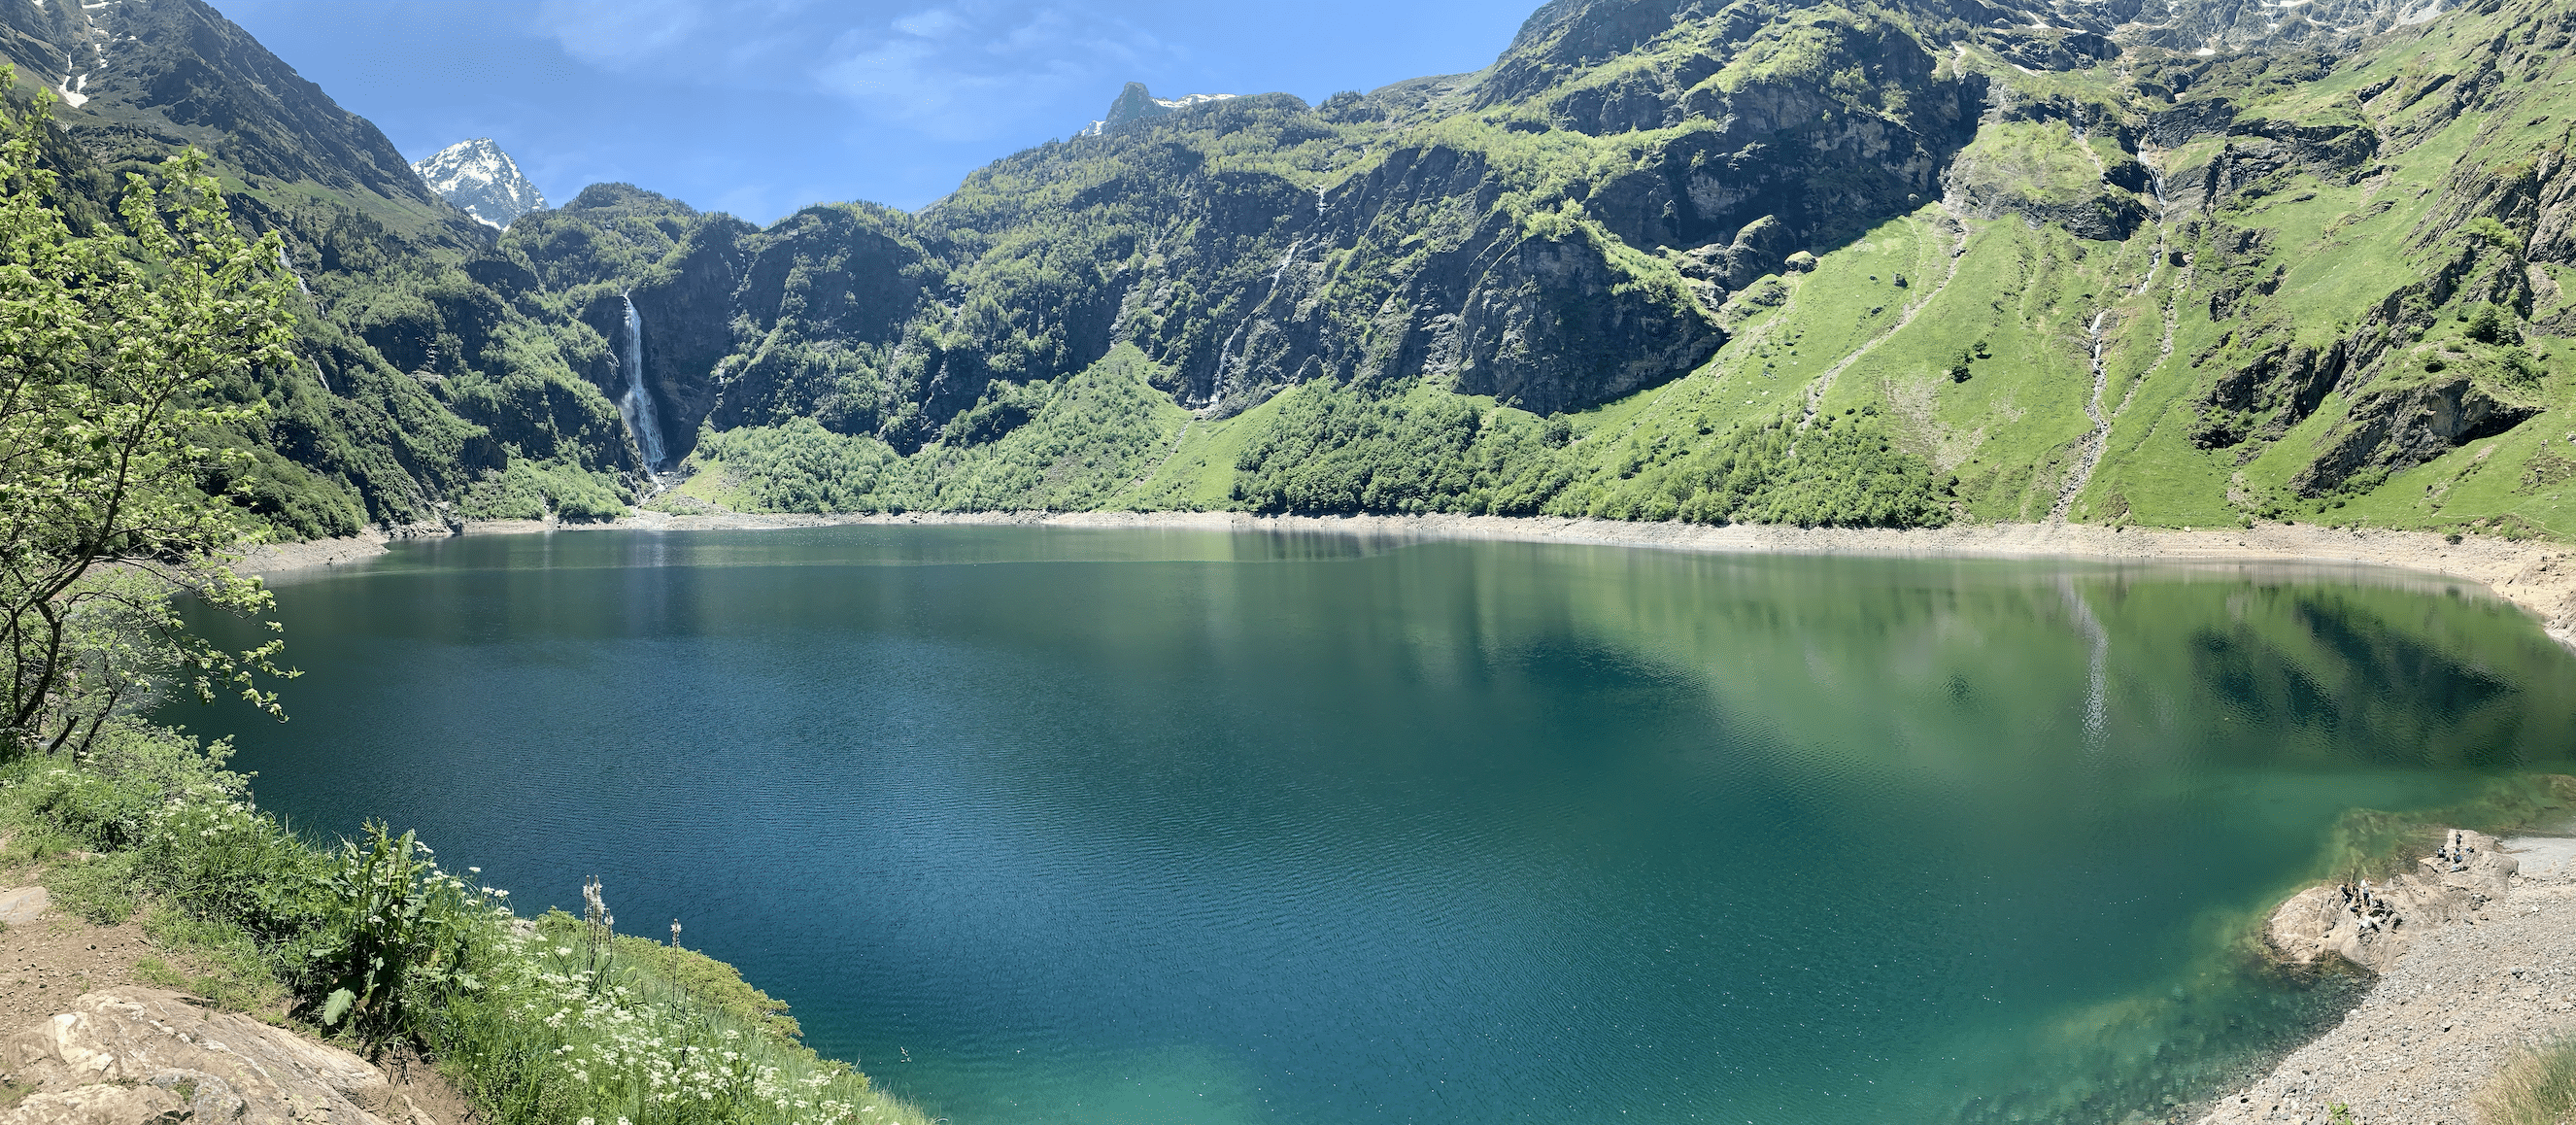 le lac d'oo dans les pyrenees